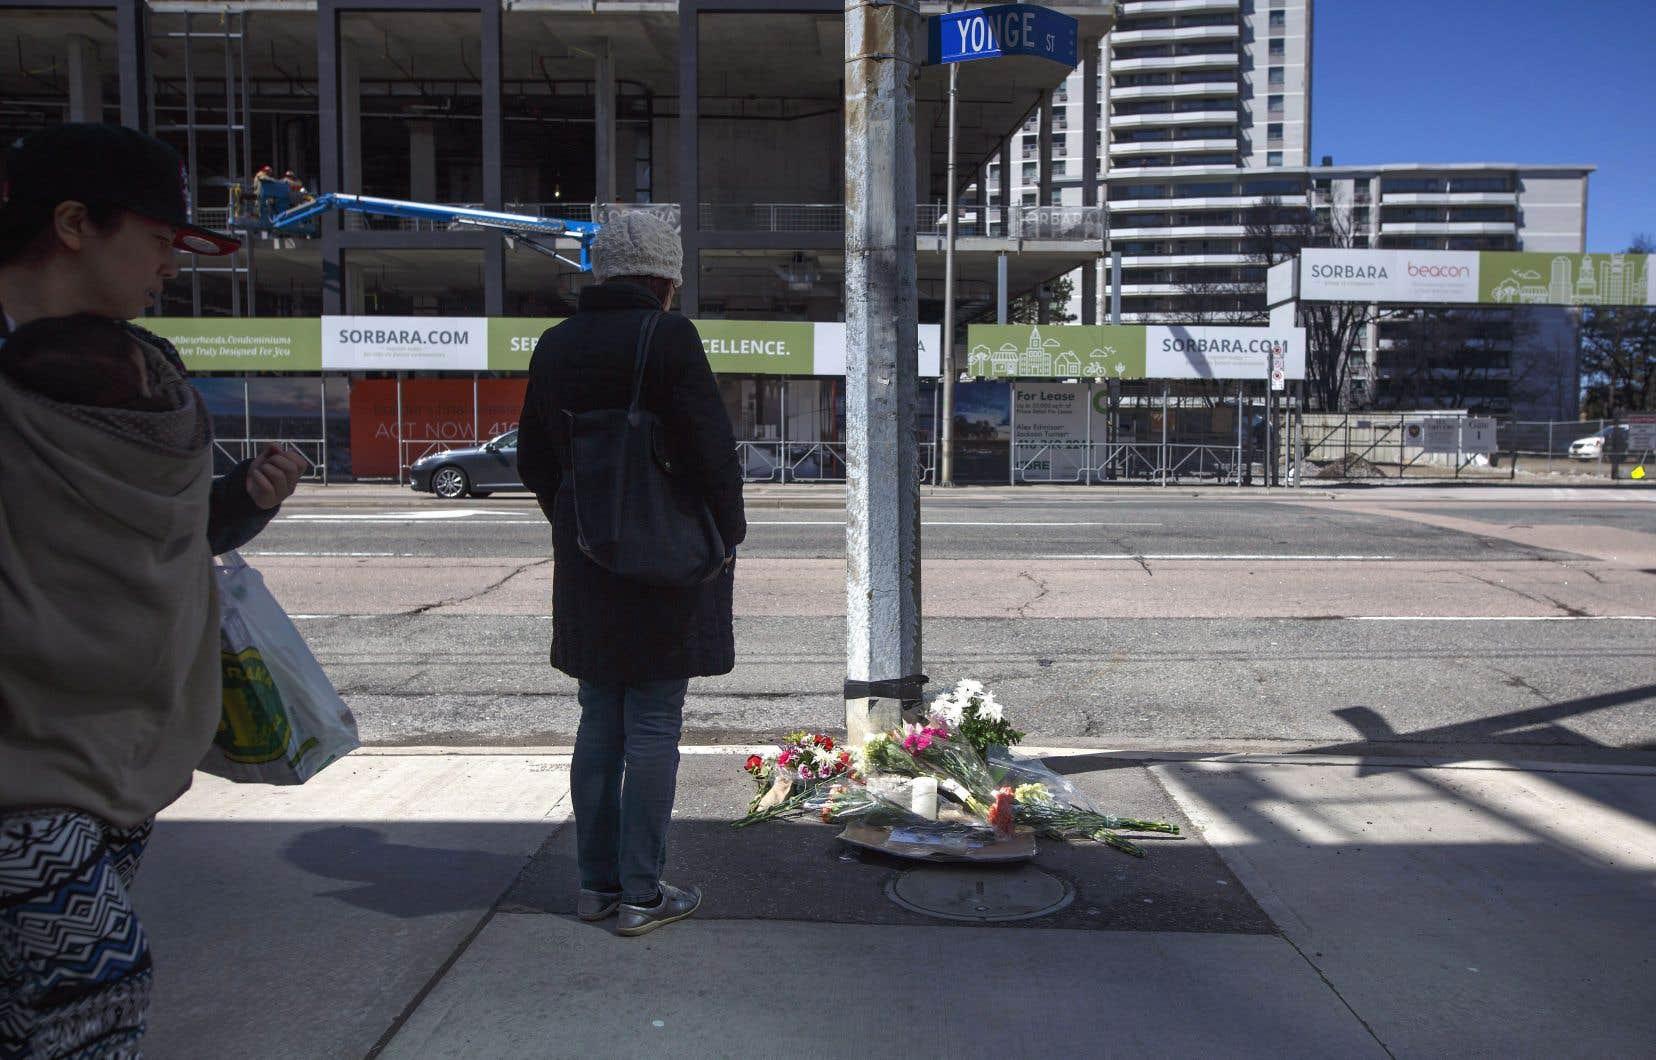 Une femme se tient devant un lieu de recueillement spontané dressé pour les victimes de l'attaque de Toronto sur la rue Yonge.